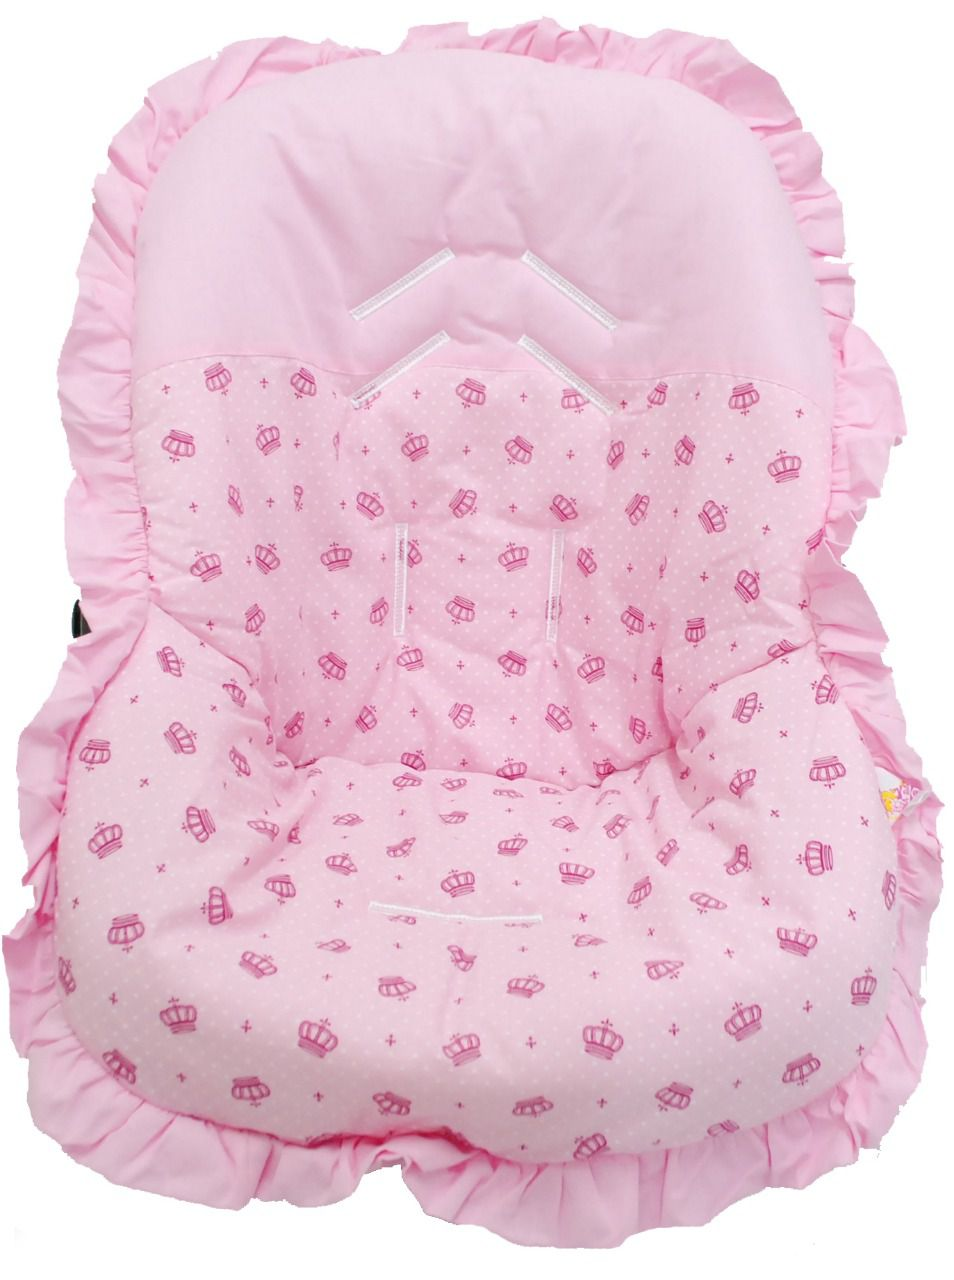 Capa Para Bebê Conforto Coroa Rosa 100% Algodão